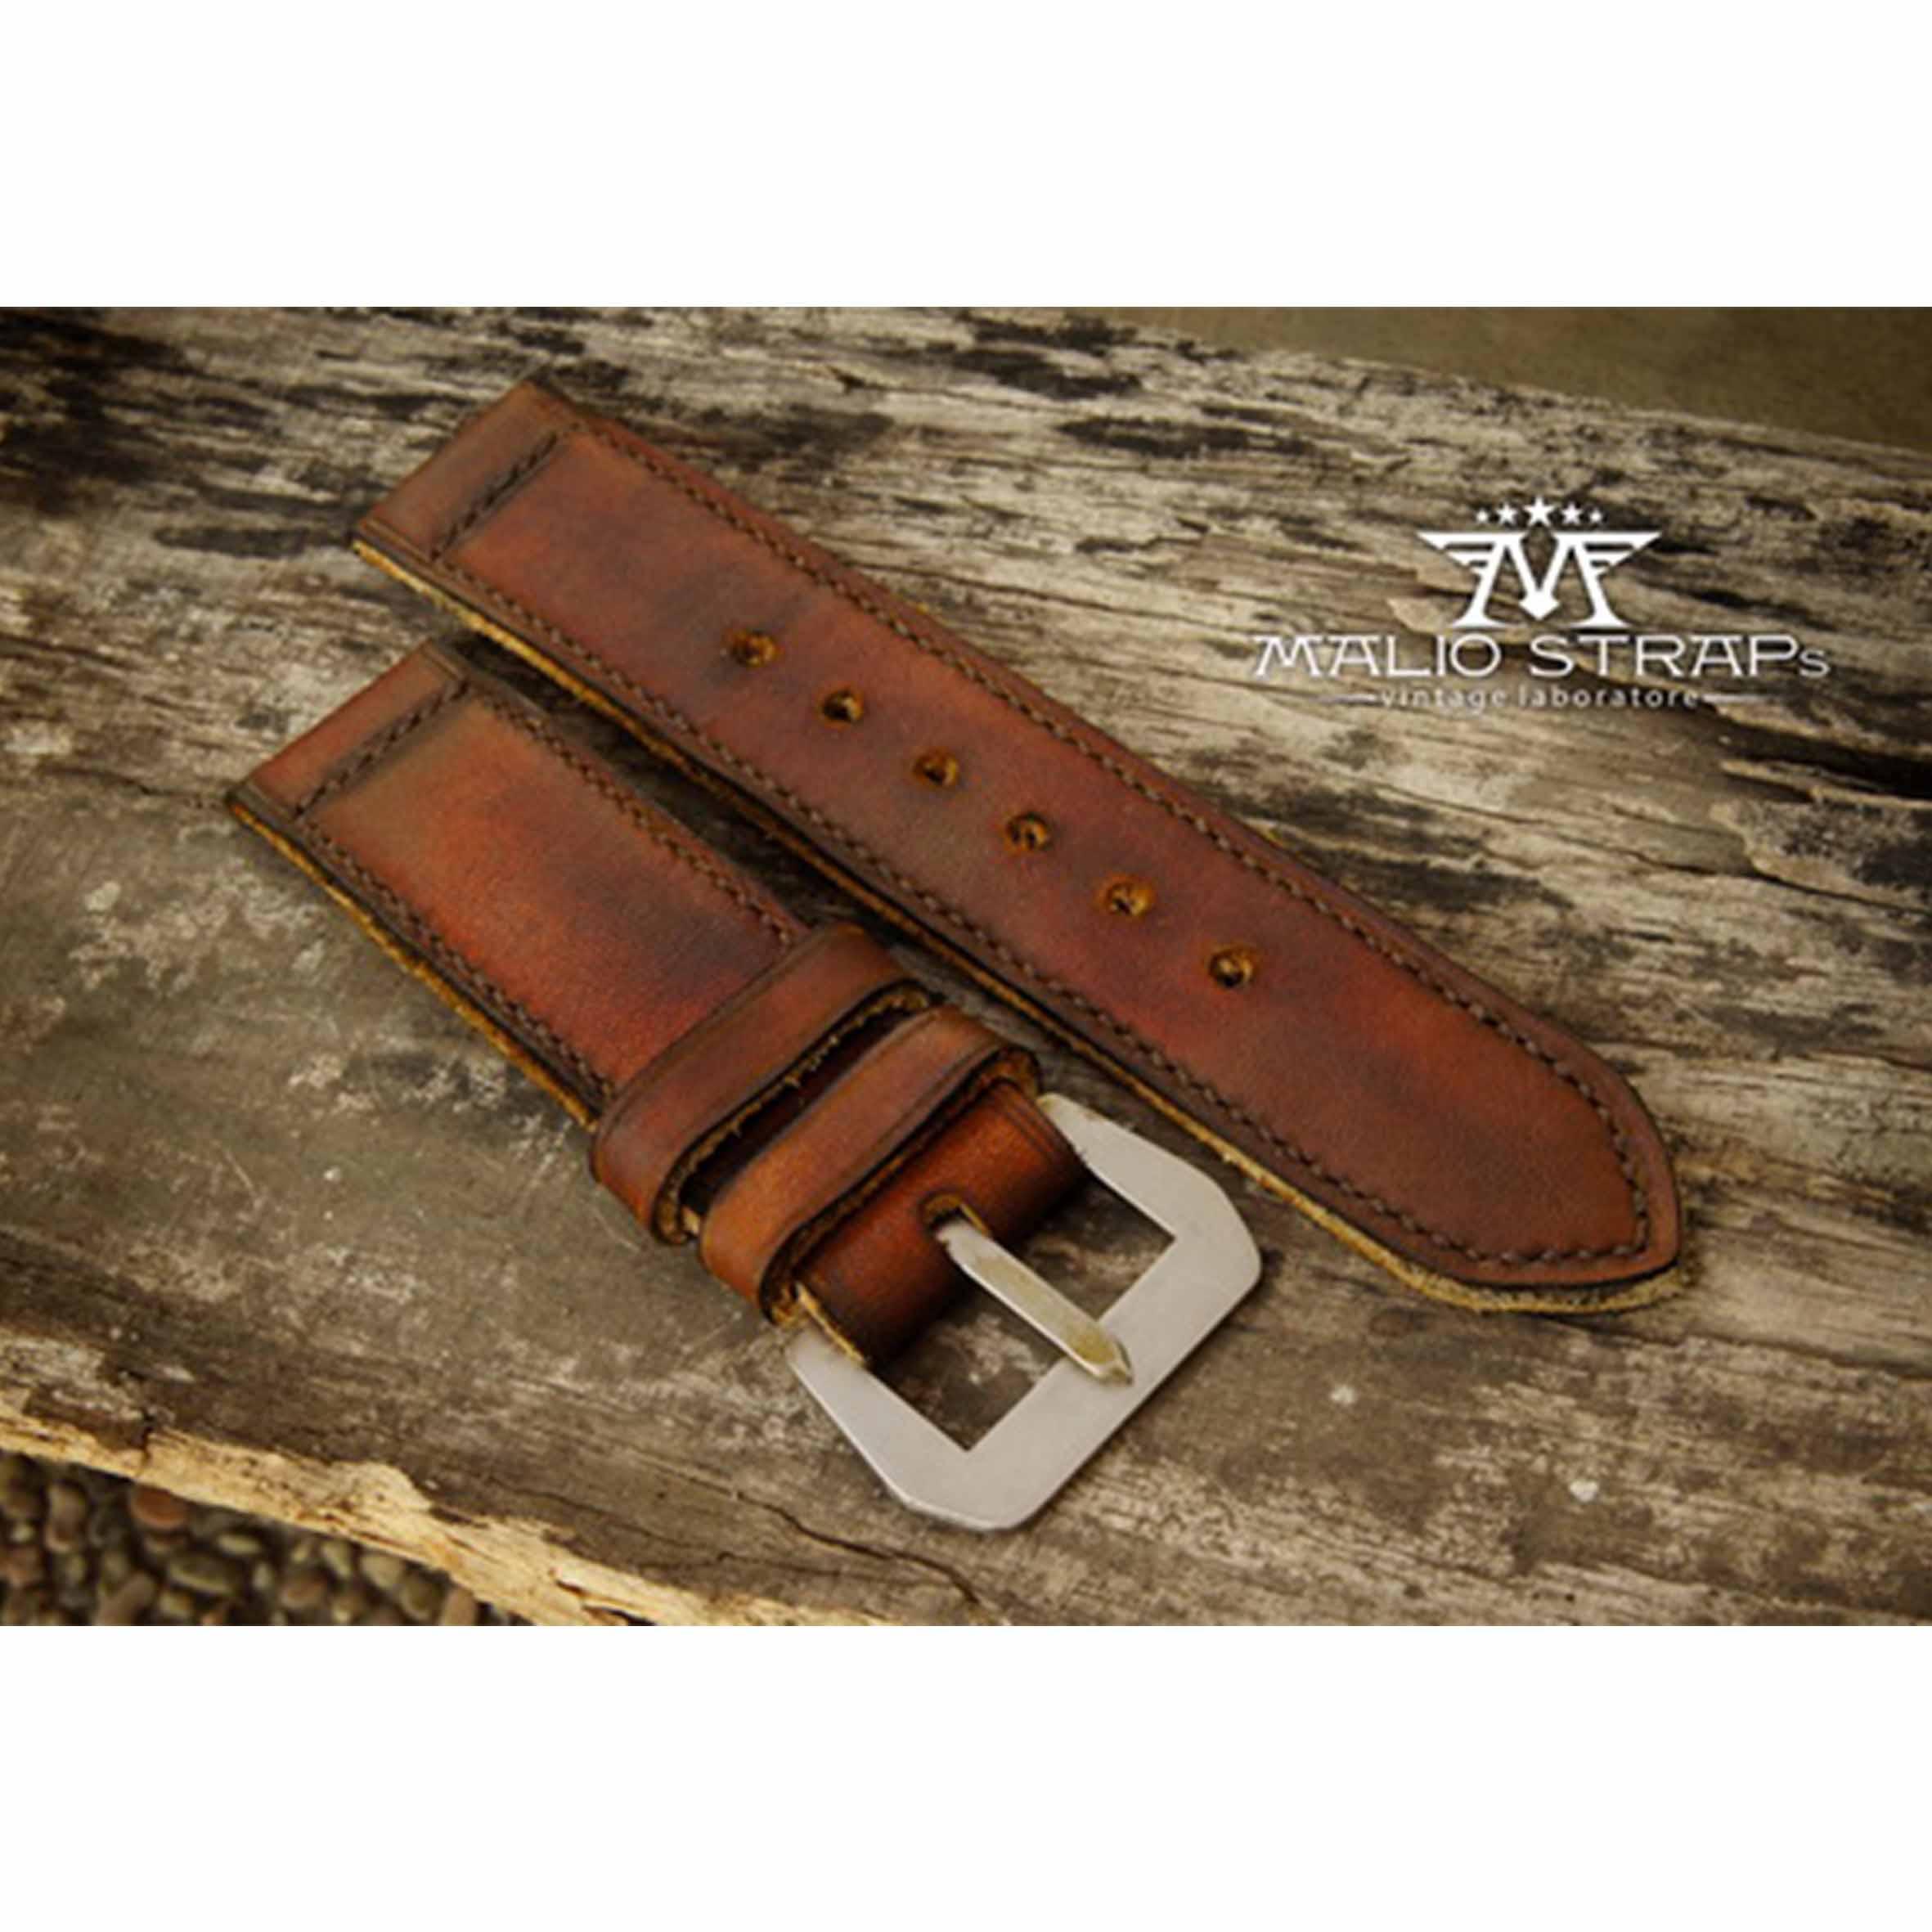 malio-straps-la-decima-strapsonly (1)